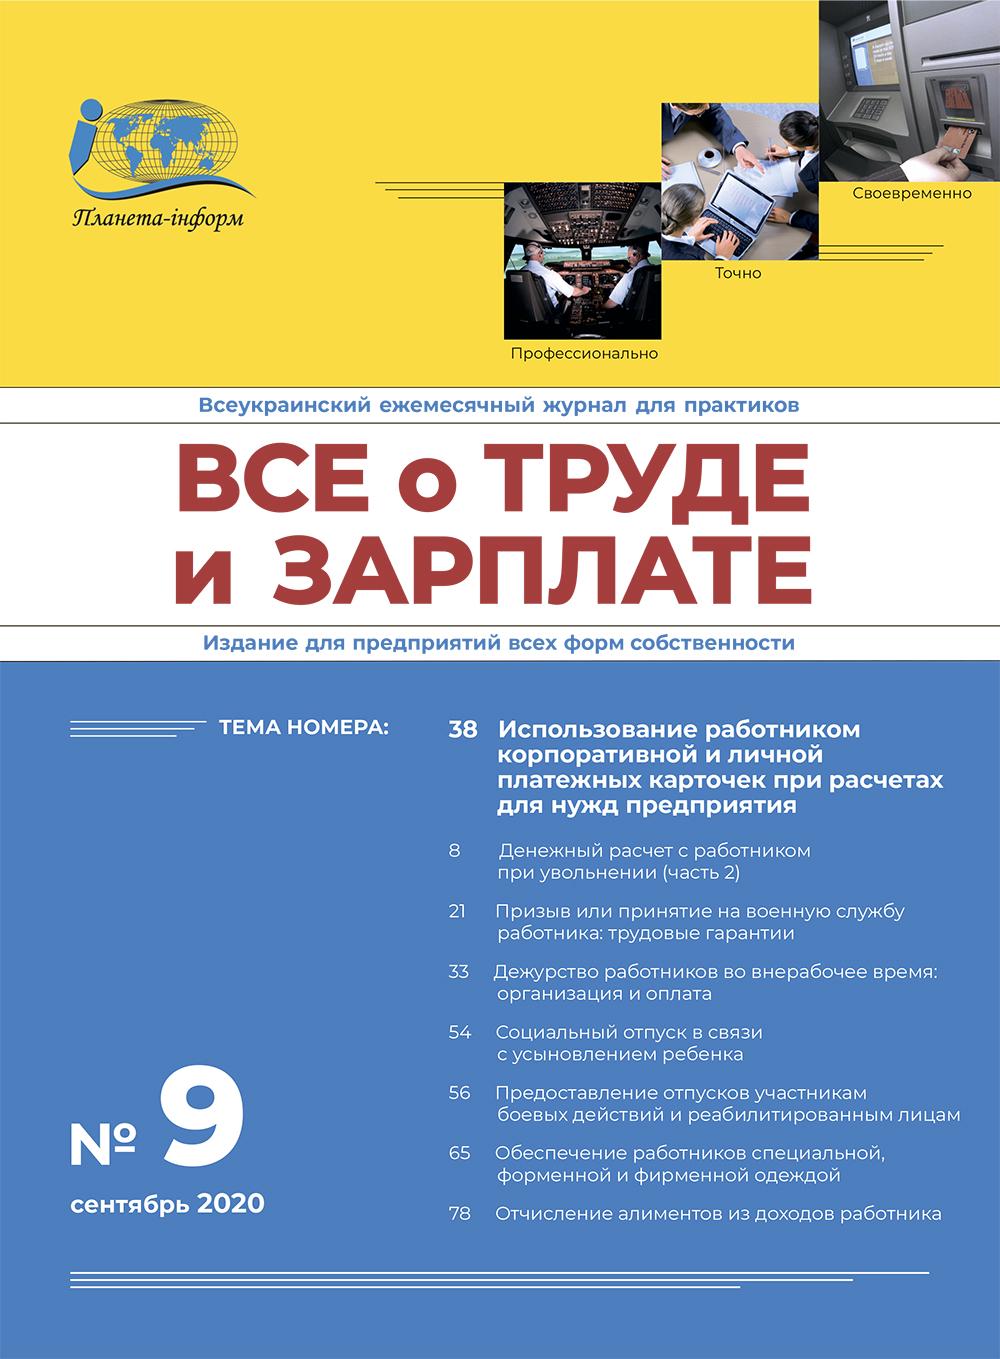 Журнал Все про працю і зарплату № 9/2020